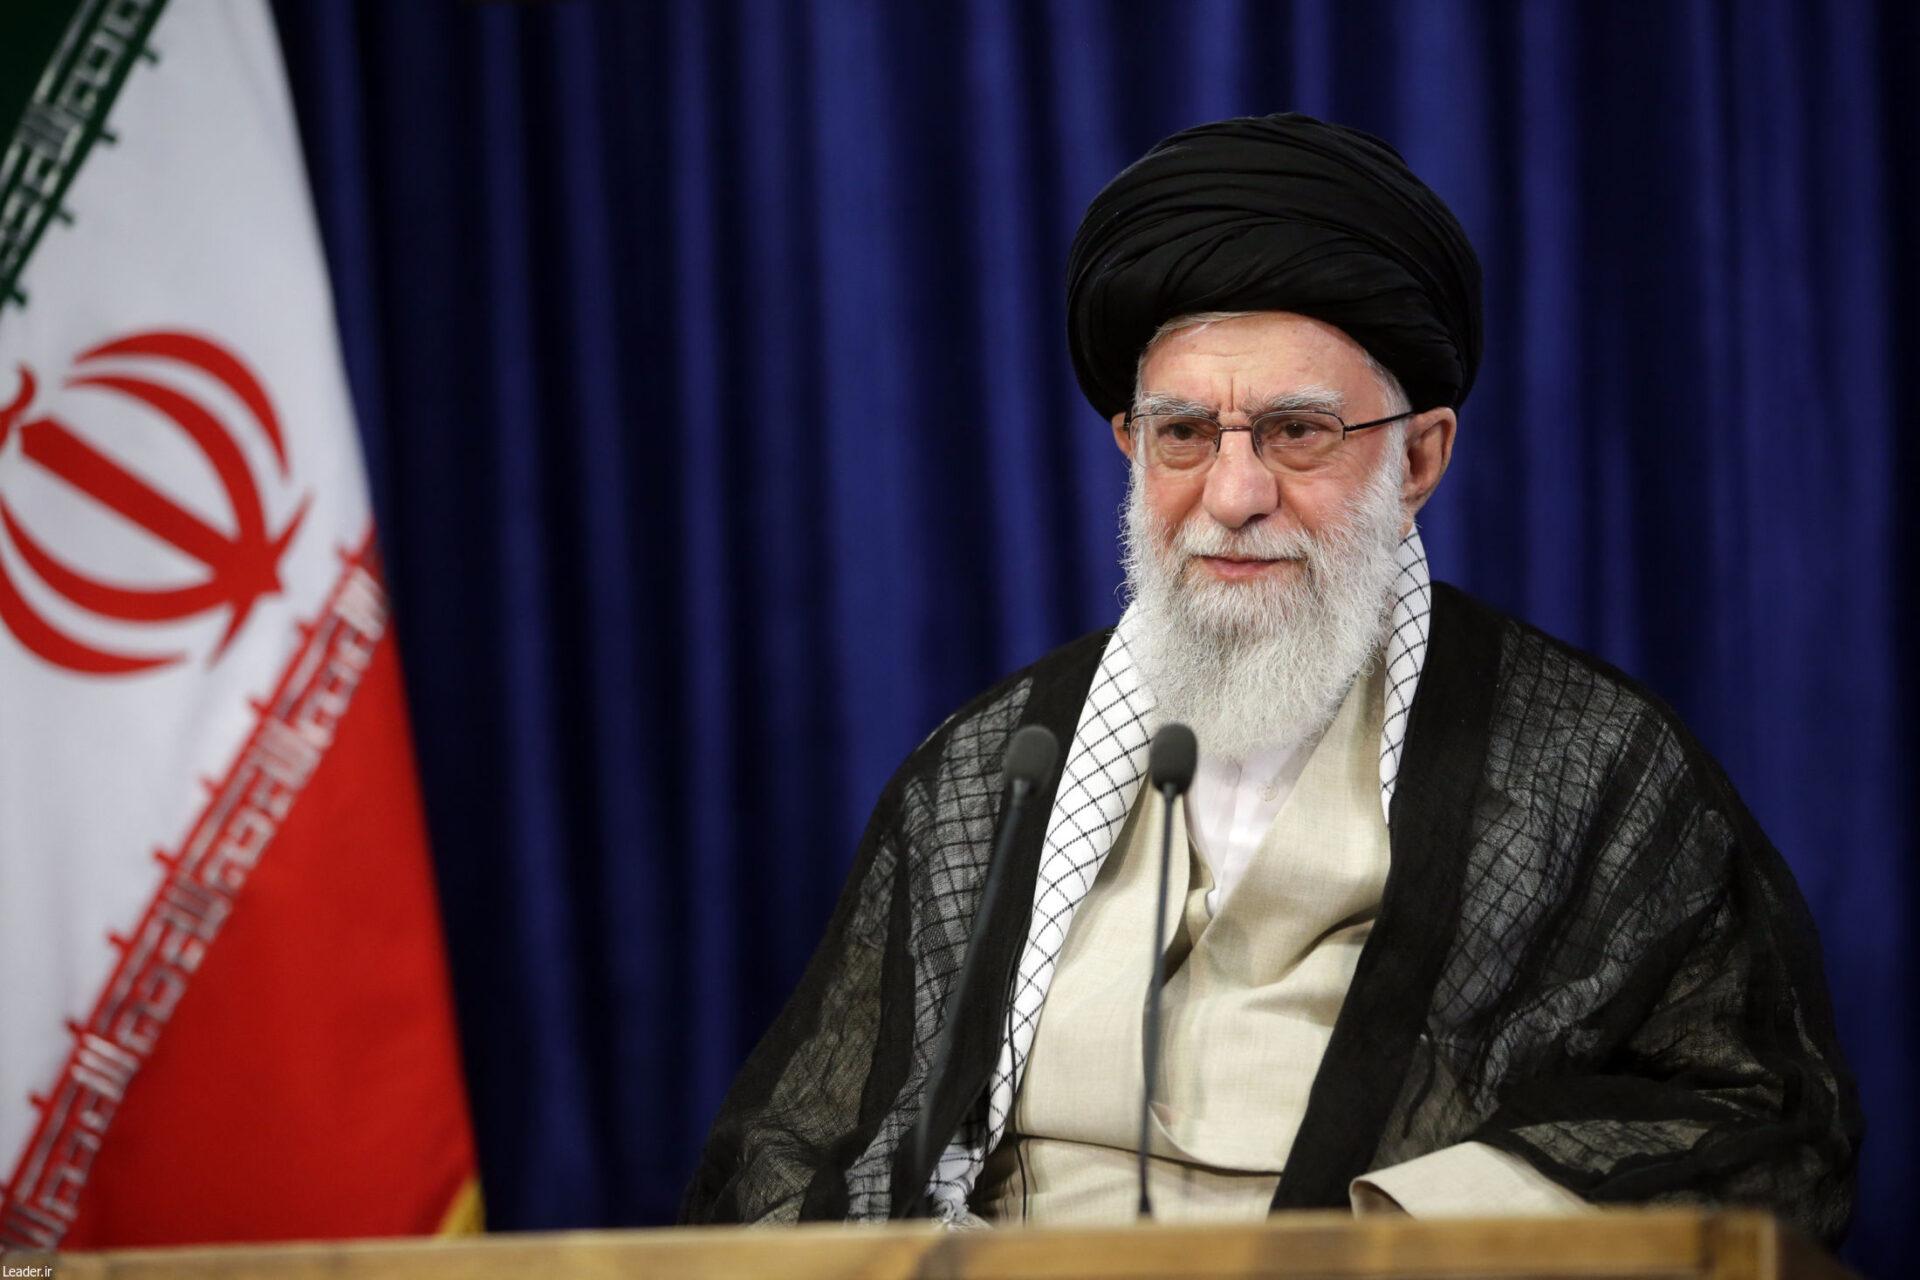 Brutalidade contra negros mostram natureza do governo dos EUA: líder do Irã